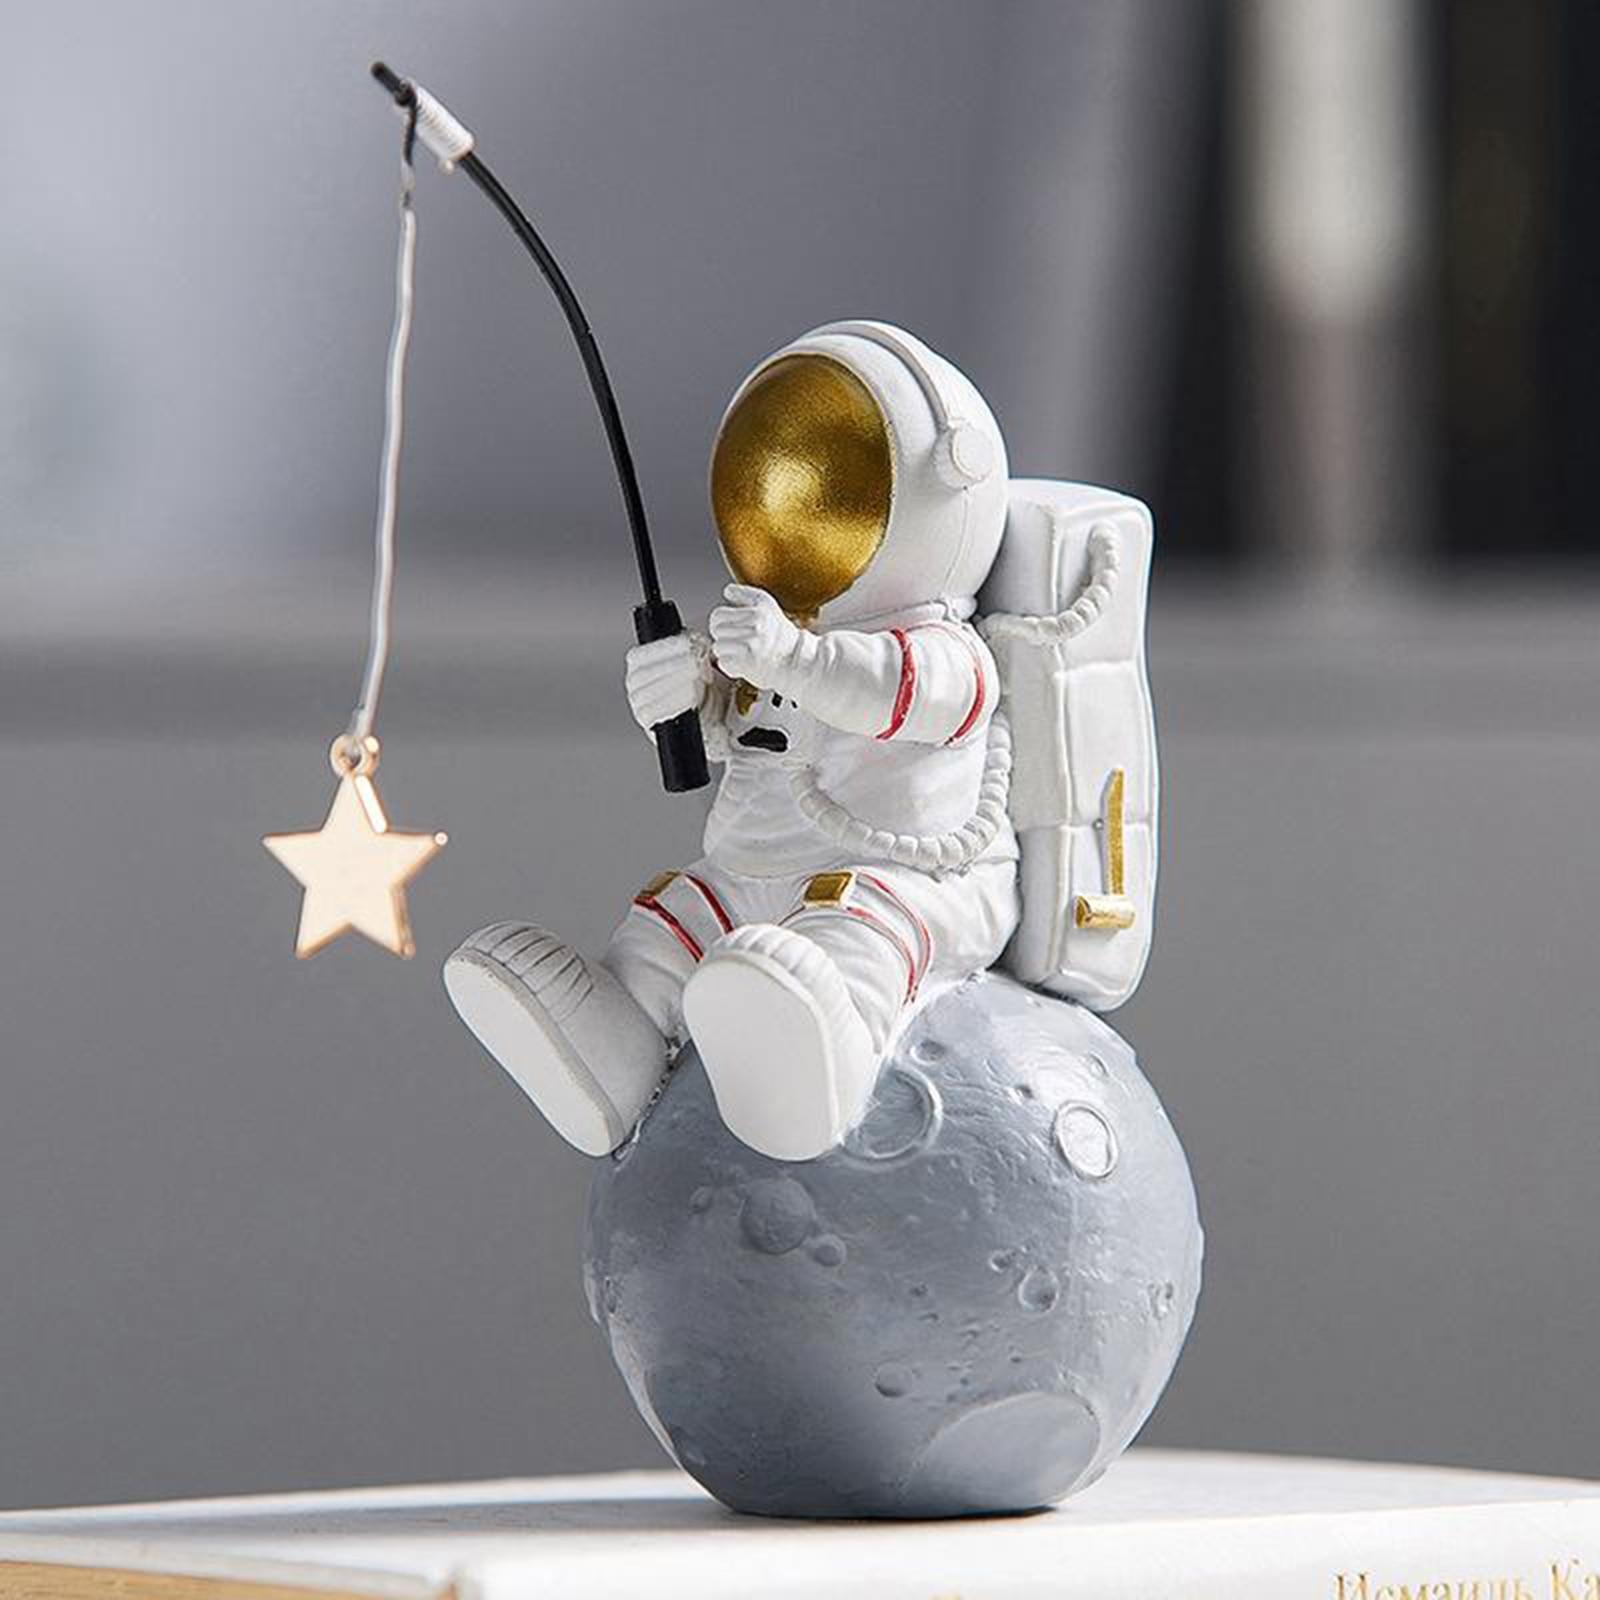 Статуэтки астронавта из смолы, миниатюрные настольные украшения, украшение космонавта, яркие детские подарочные фигурки, аксессуары для украшения дома